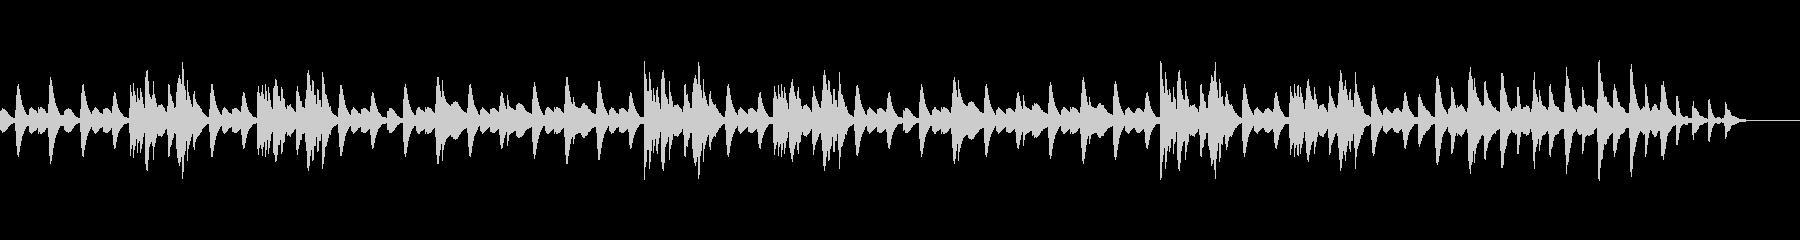 クイズのシンキングタイム風BGMの未再生の波形